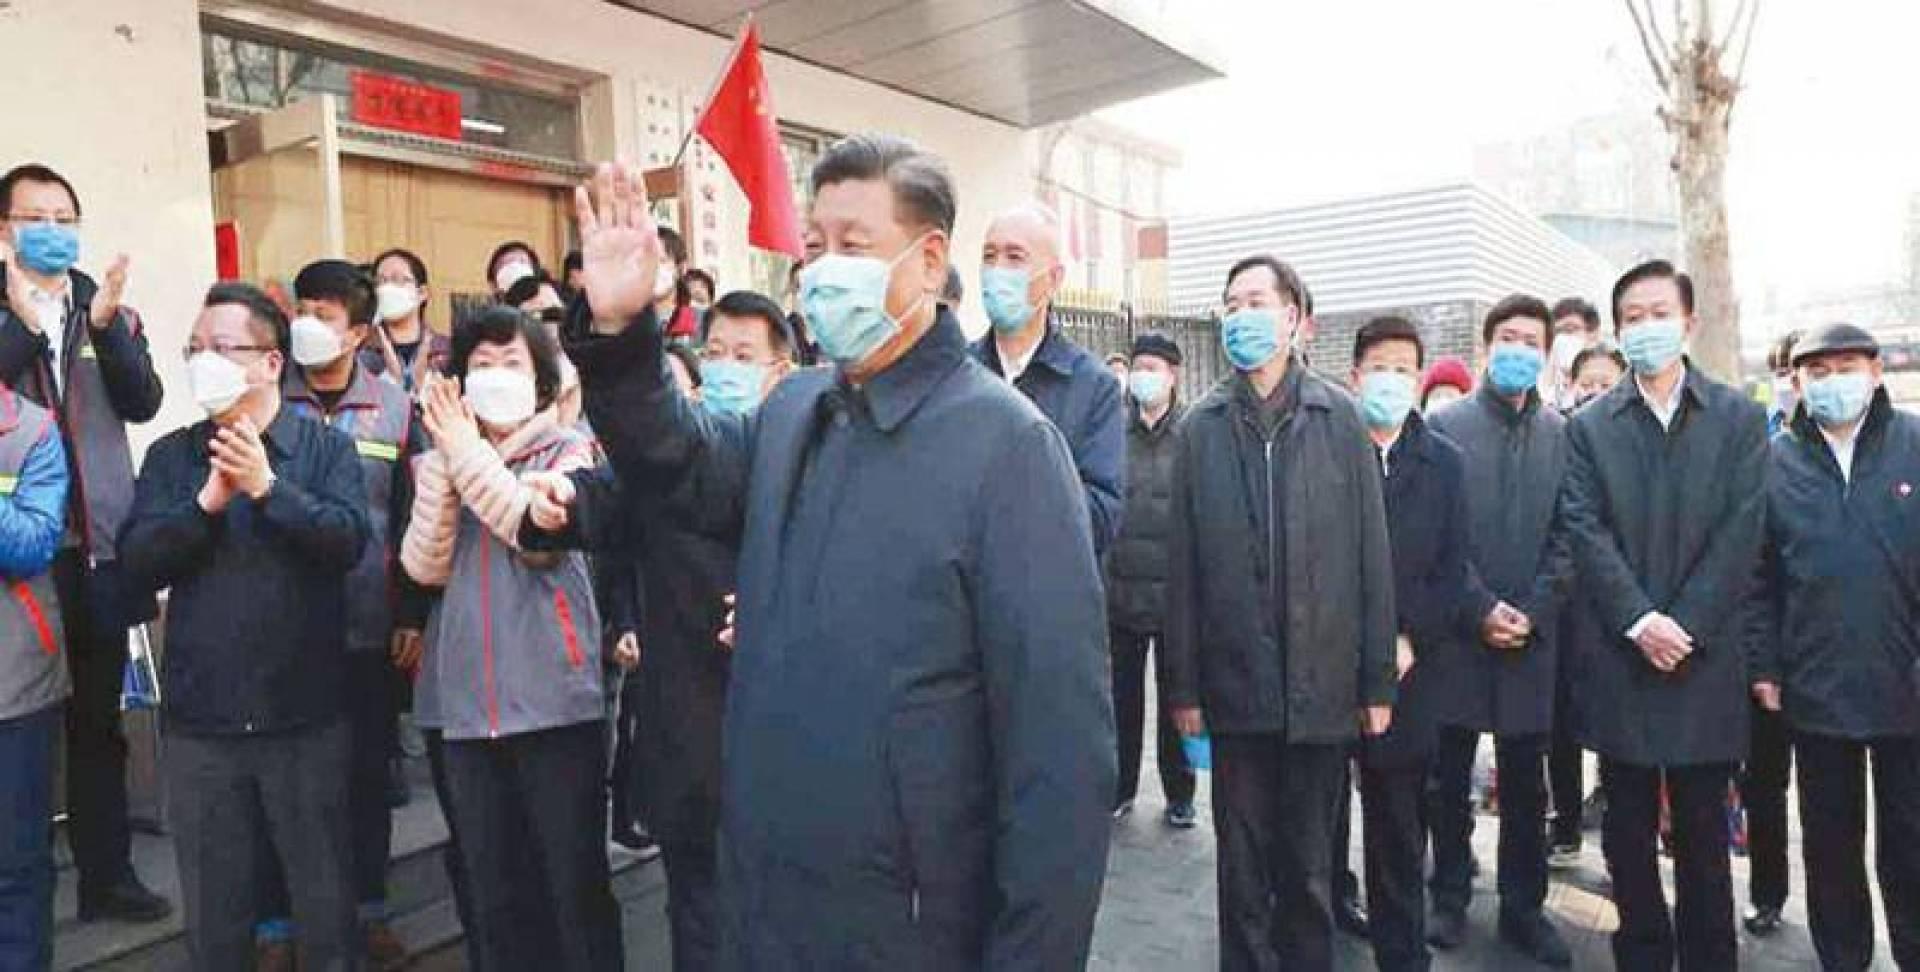 الرئيس الصيني يحتفل باحتواء «كورونا» (أ ف ب)